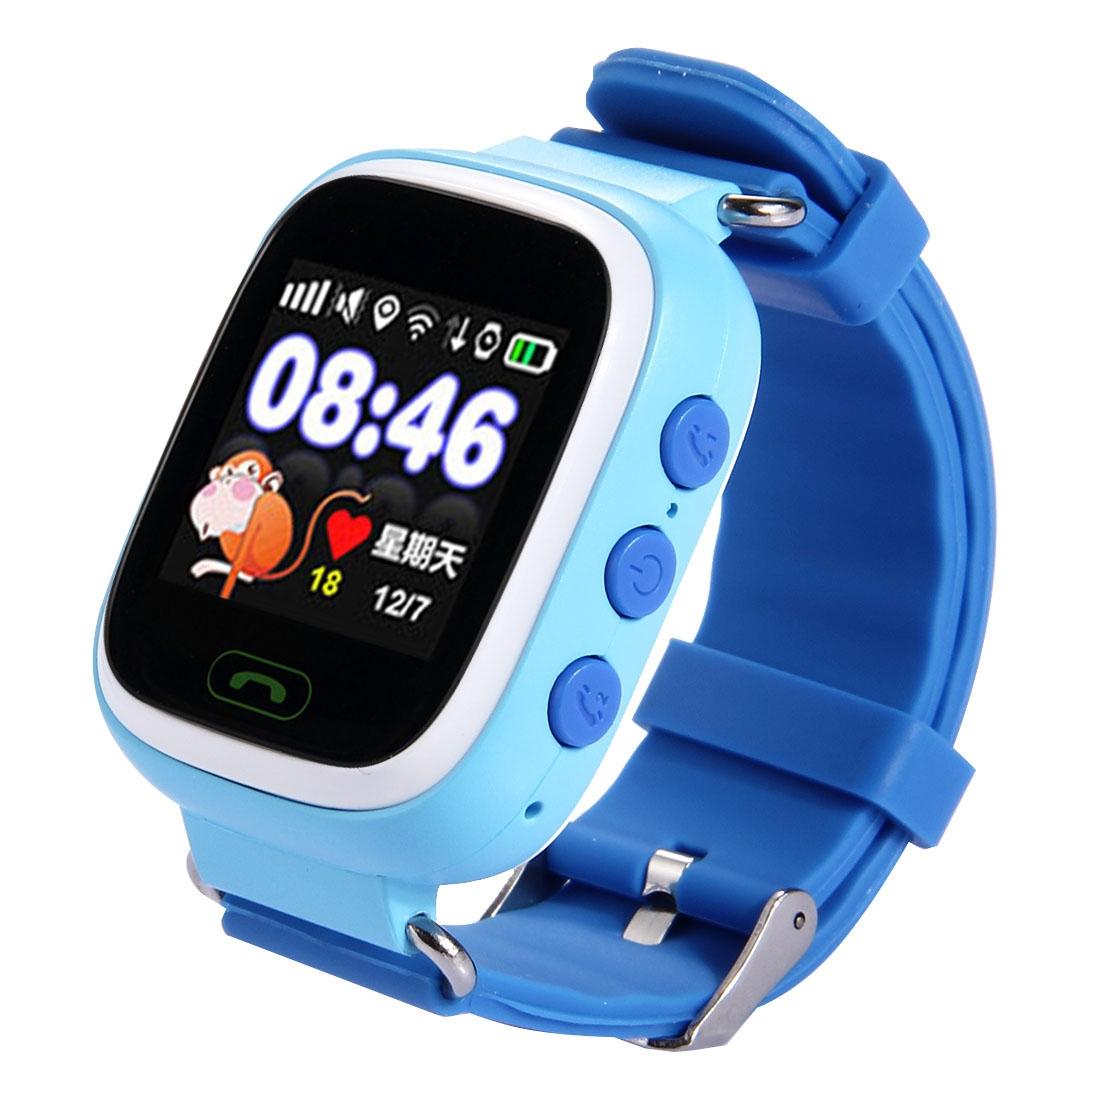 Generic Generic - Tracker Smartwatch, podpora SIM karty, 2G síť, přesné polohování, hlasové volání, tichý režim, krokomer, jeden klíč SOS, elektronický plot, modrá